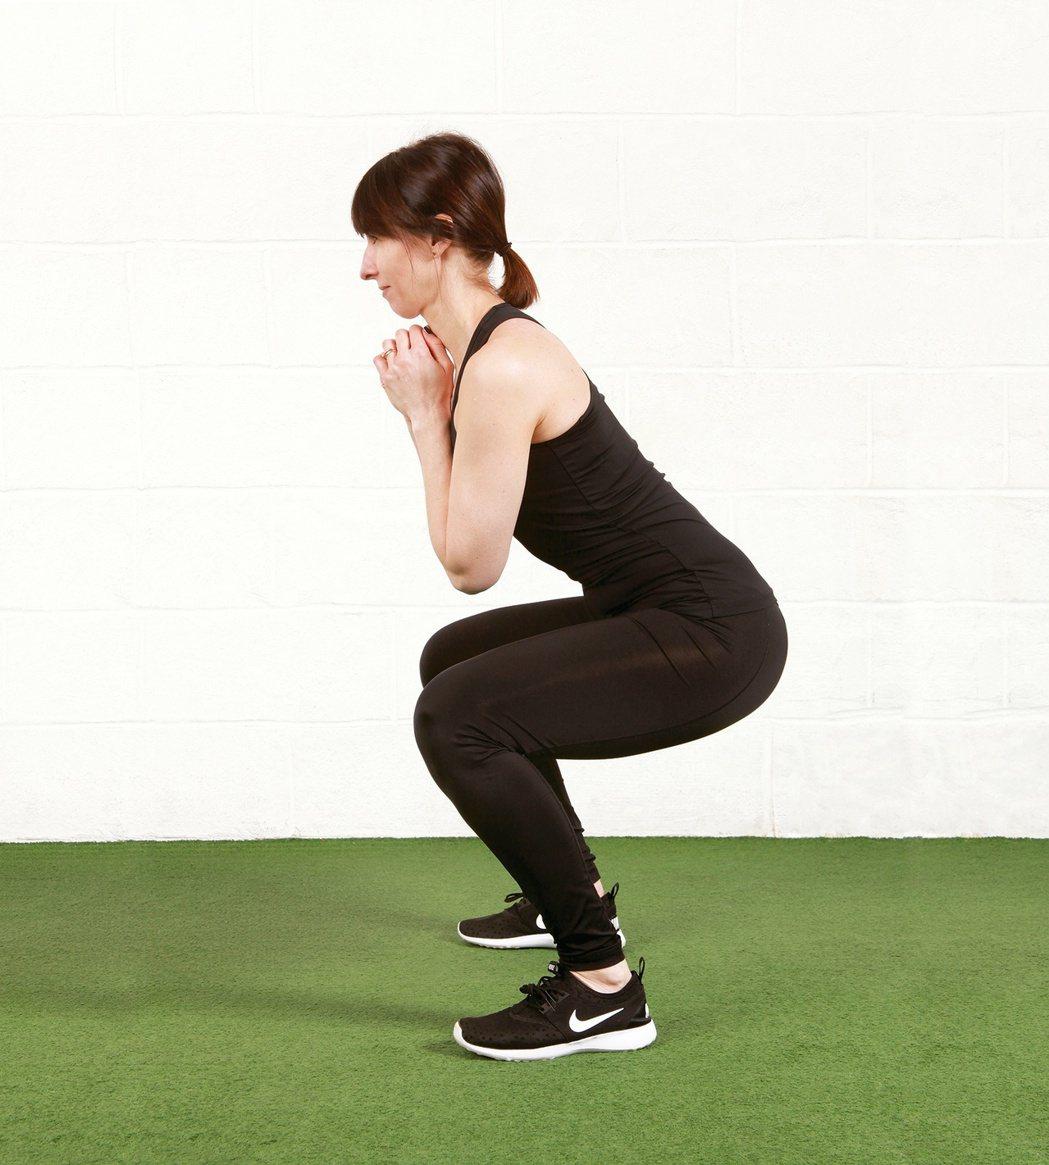 如果無法在雙足平貼地面的狀態下蹲到底,可以採取這種半蹲姿勢。 圖/摘自《筋膜放鬆...